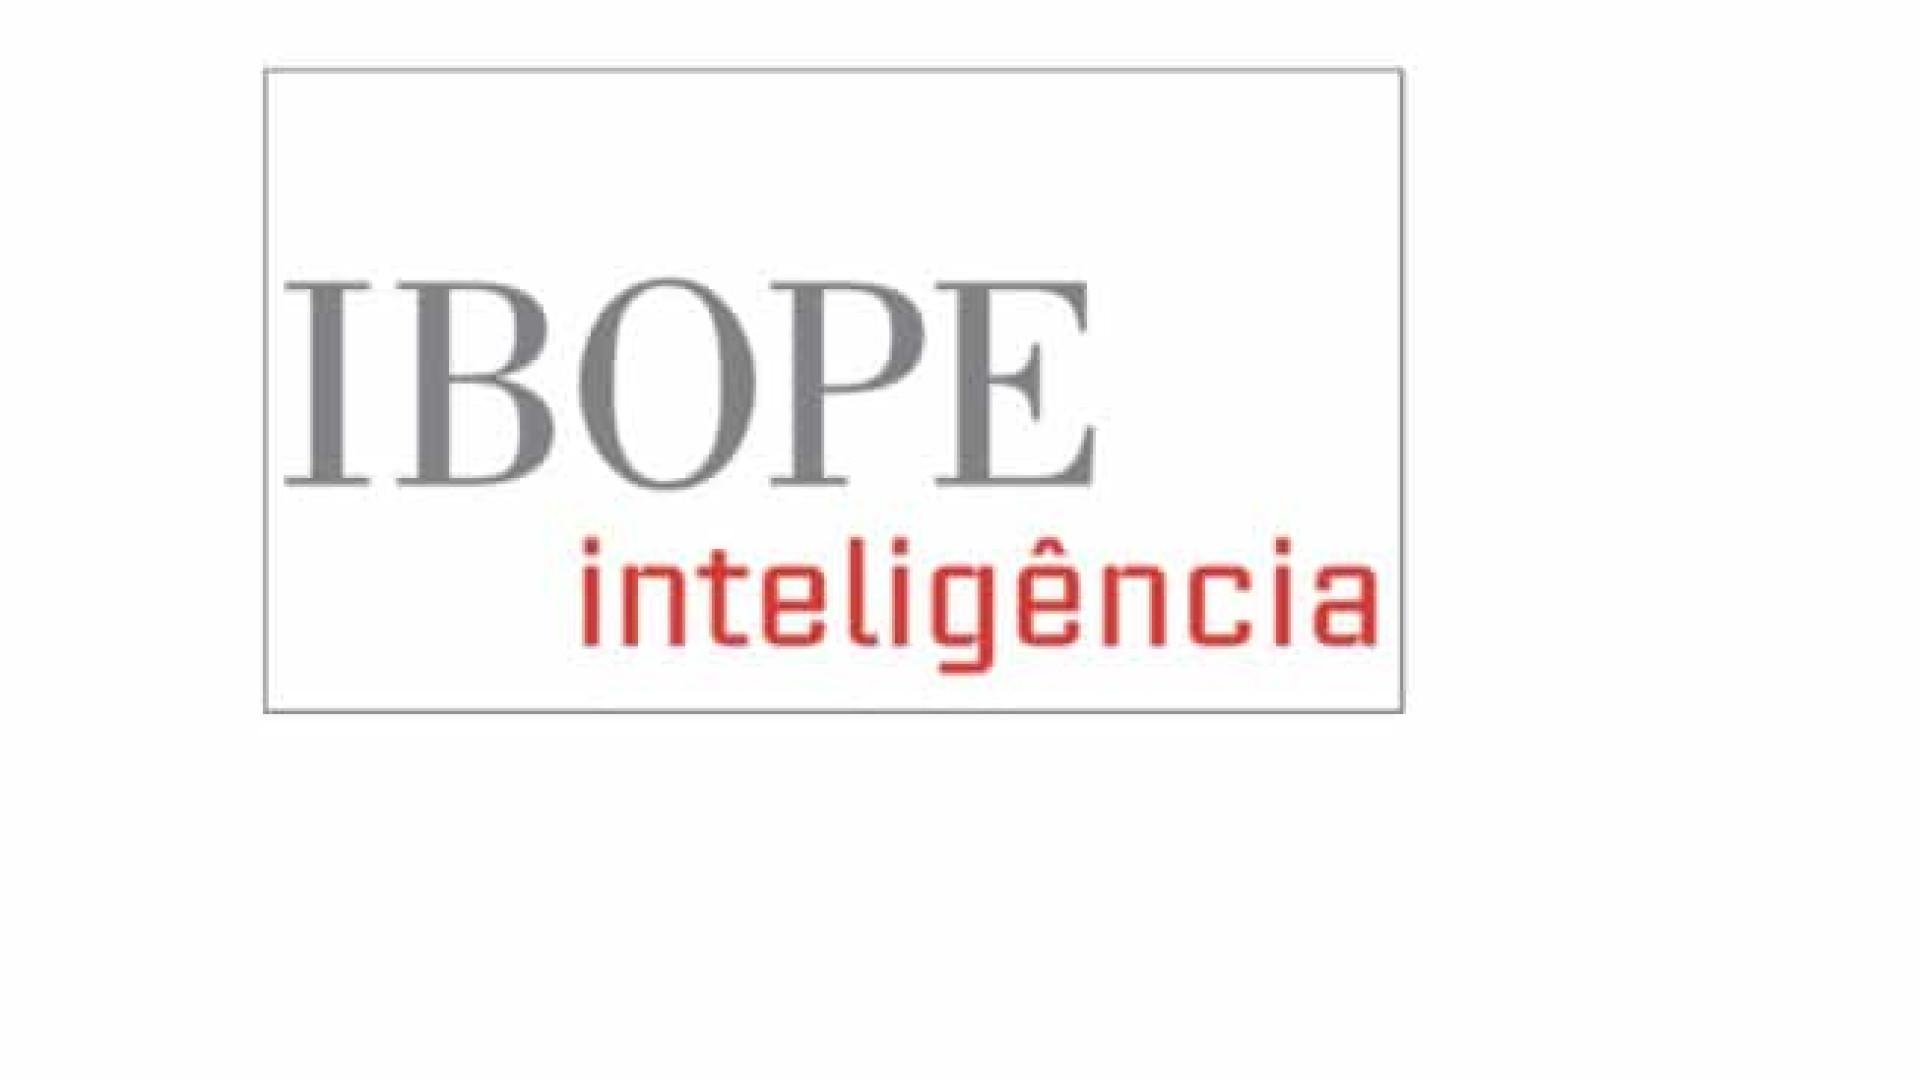 Ibope Inteligência, que faz pesquisas de opinião, irá fechar no fim de janeiro